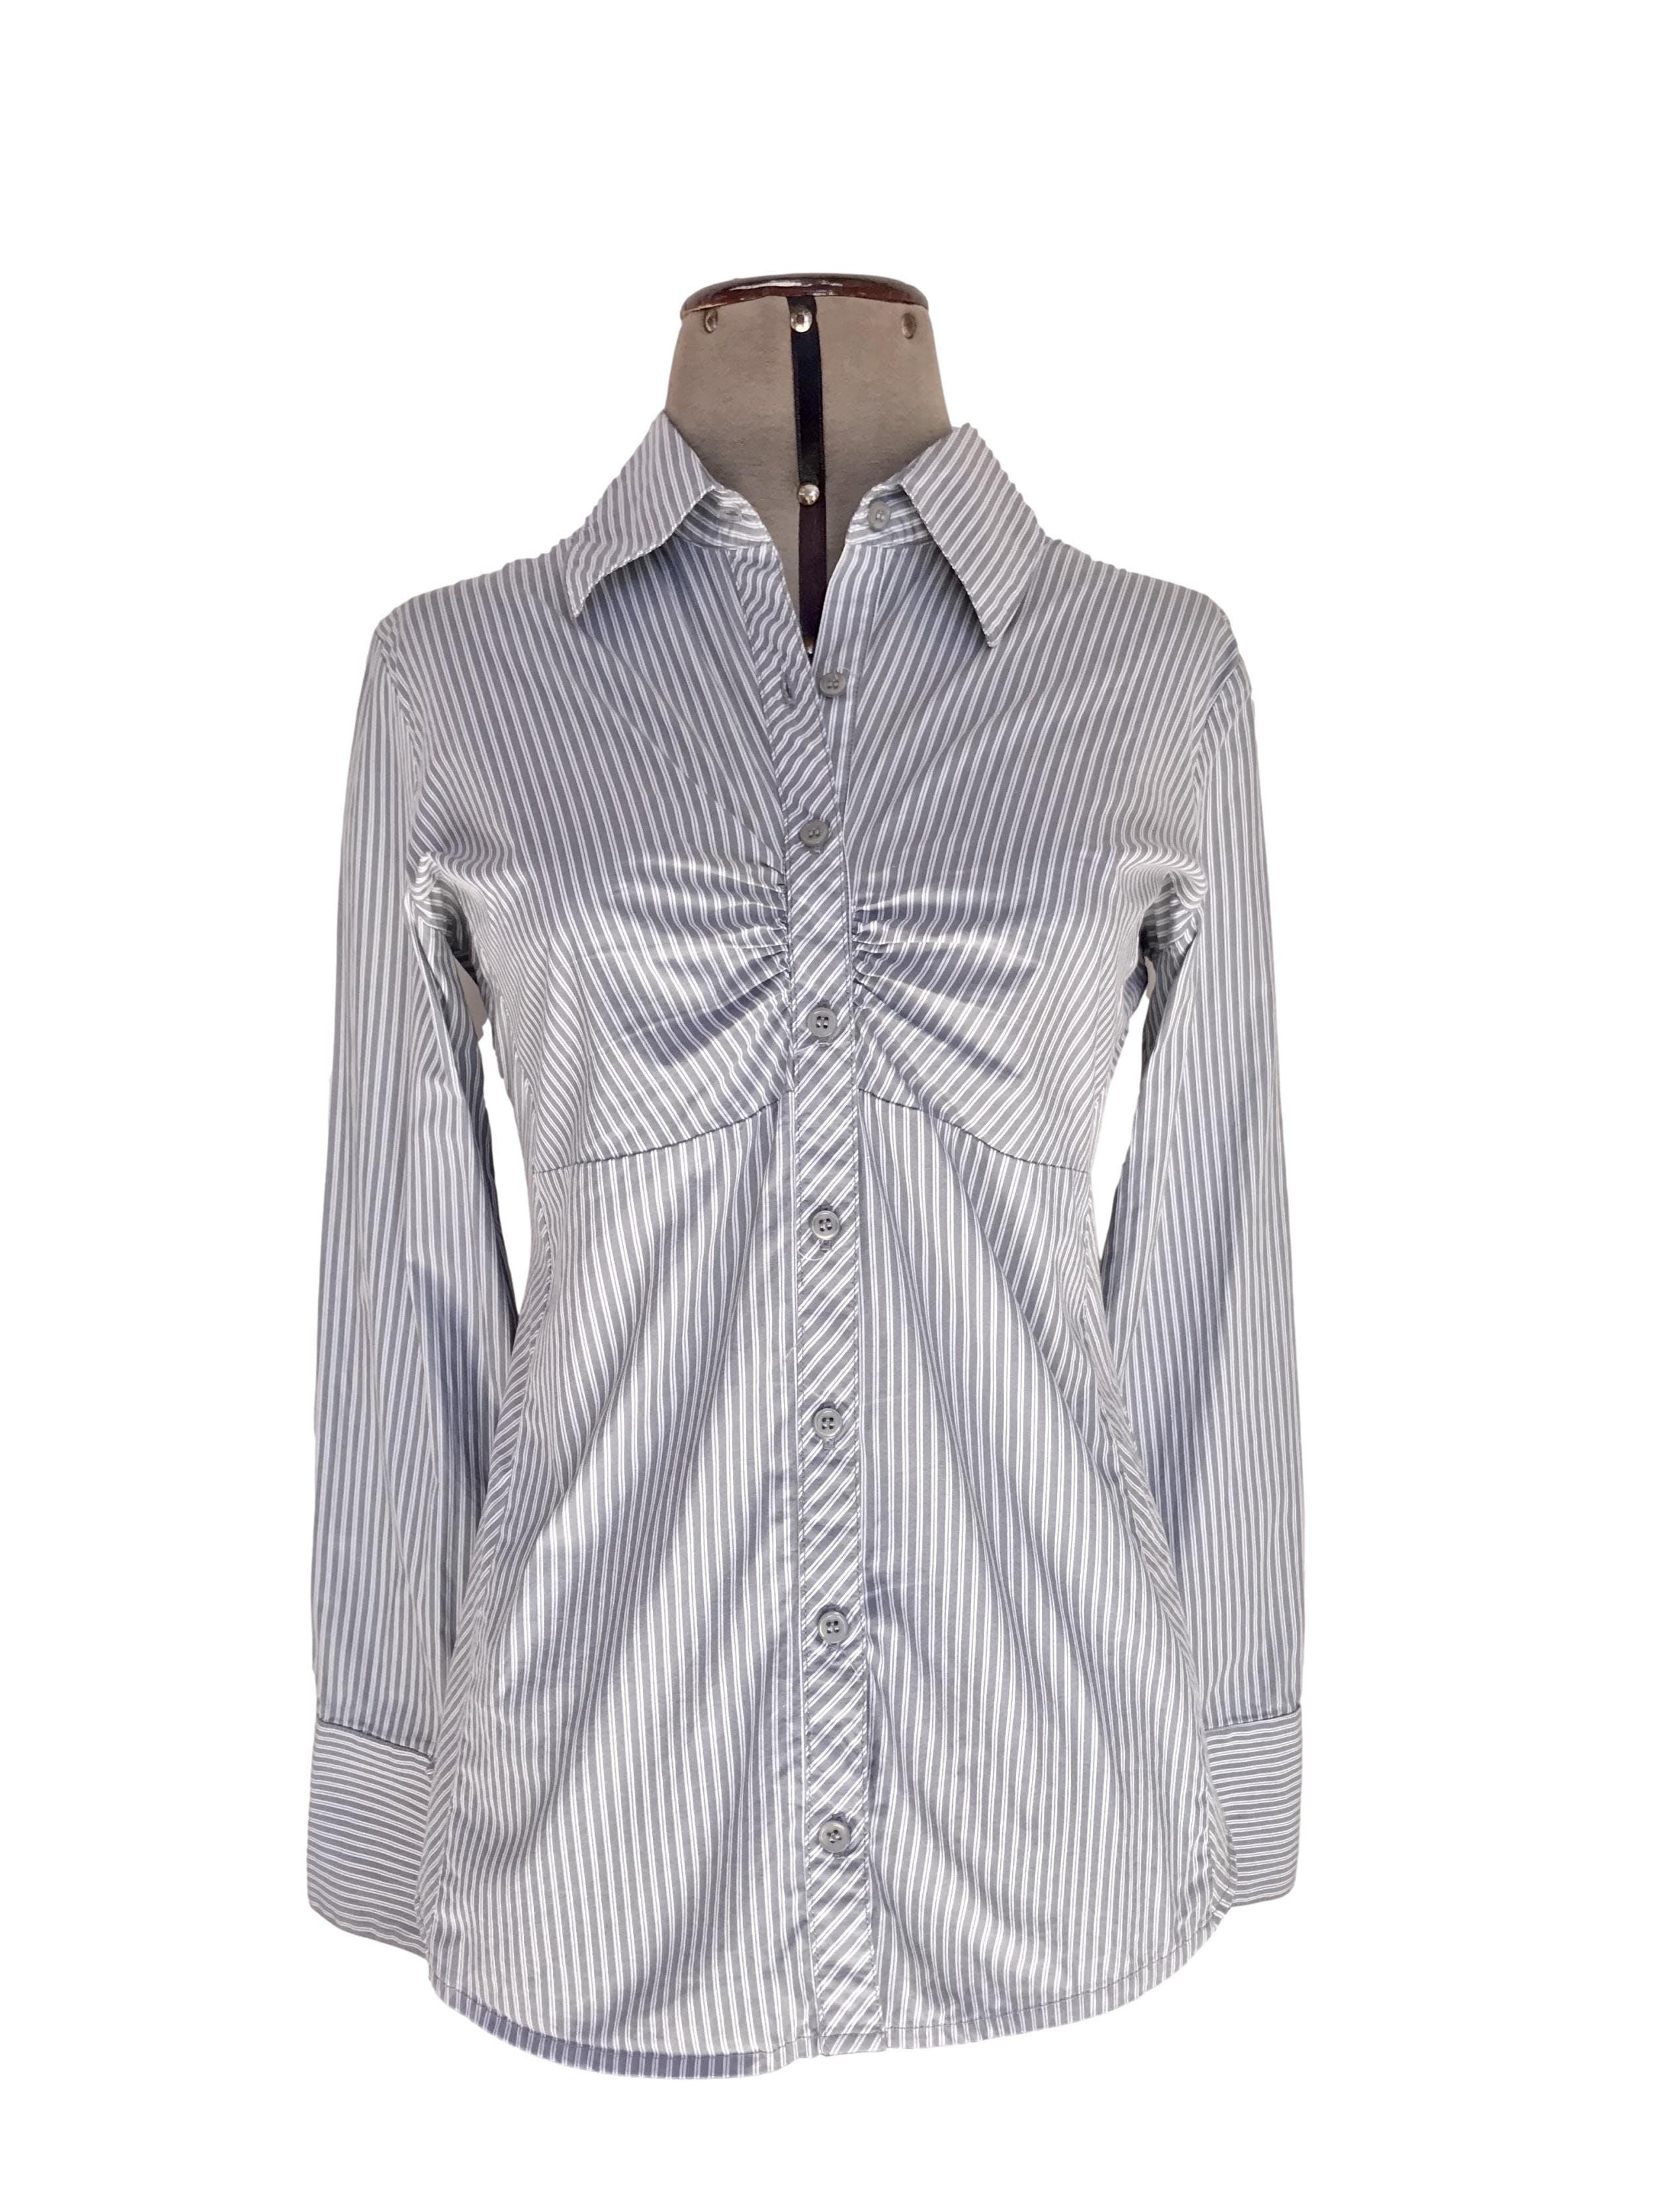 Blusa Basement a rayas blancas y plomas, cuello camisero, botones en el medio con fruncido y manga larga con puño ancho Talla M